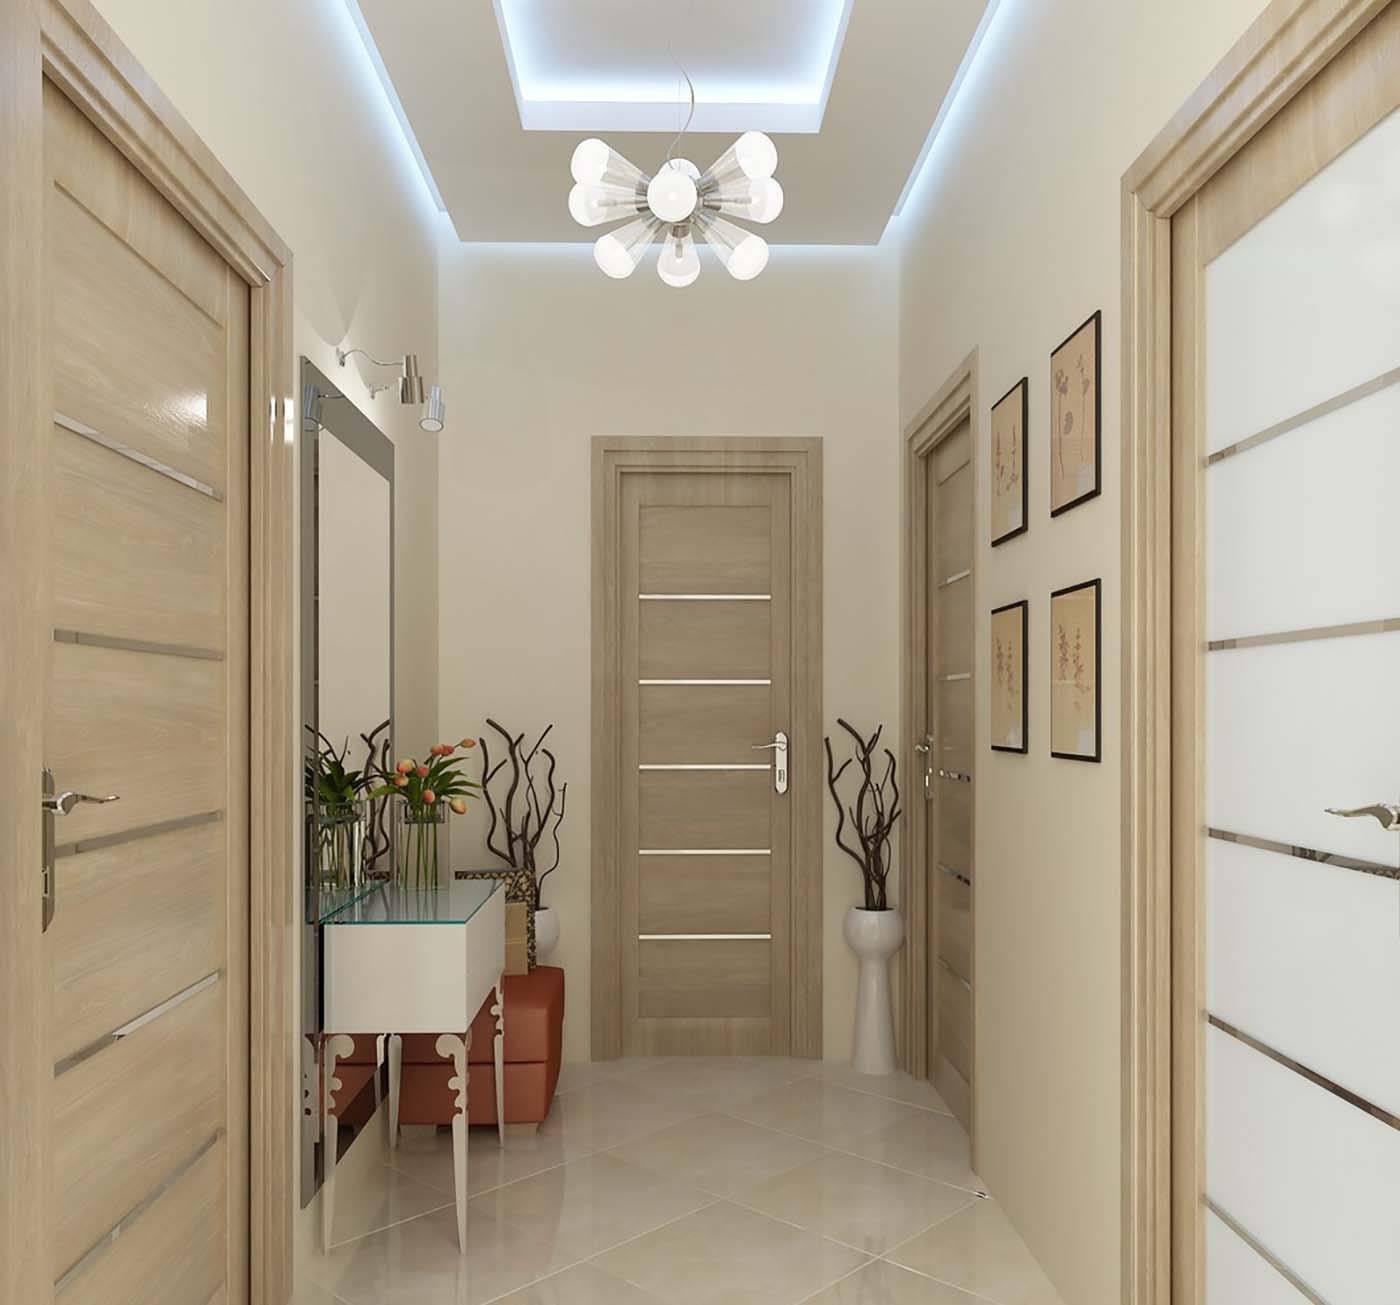 Прихожие в коридор, фото, мебель и ее разновидности, критерии выбора